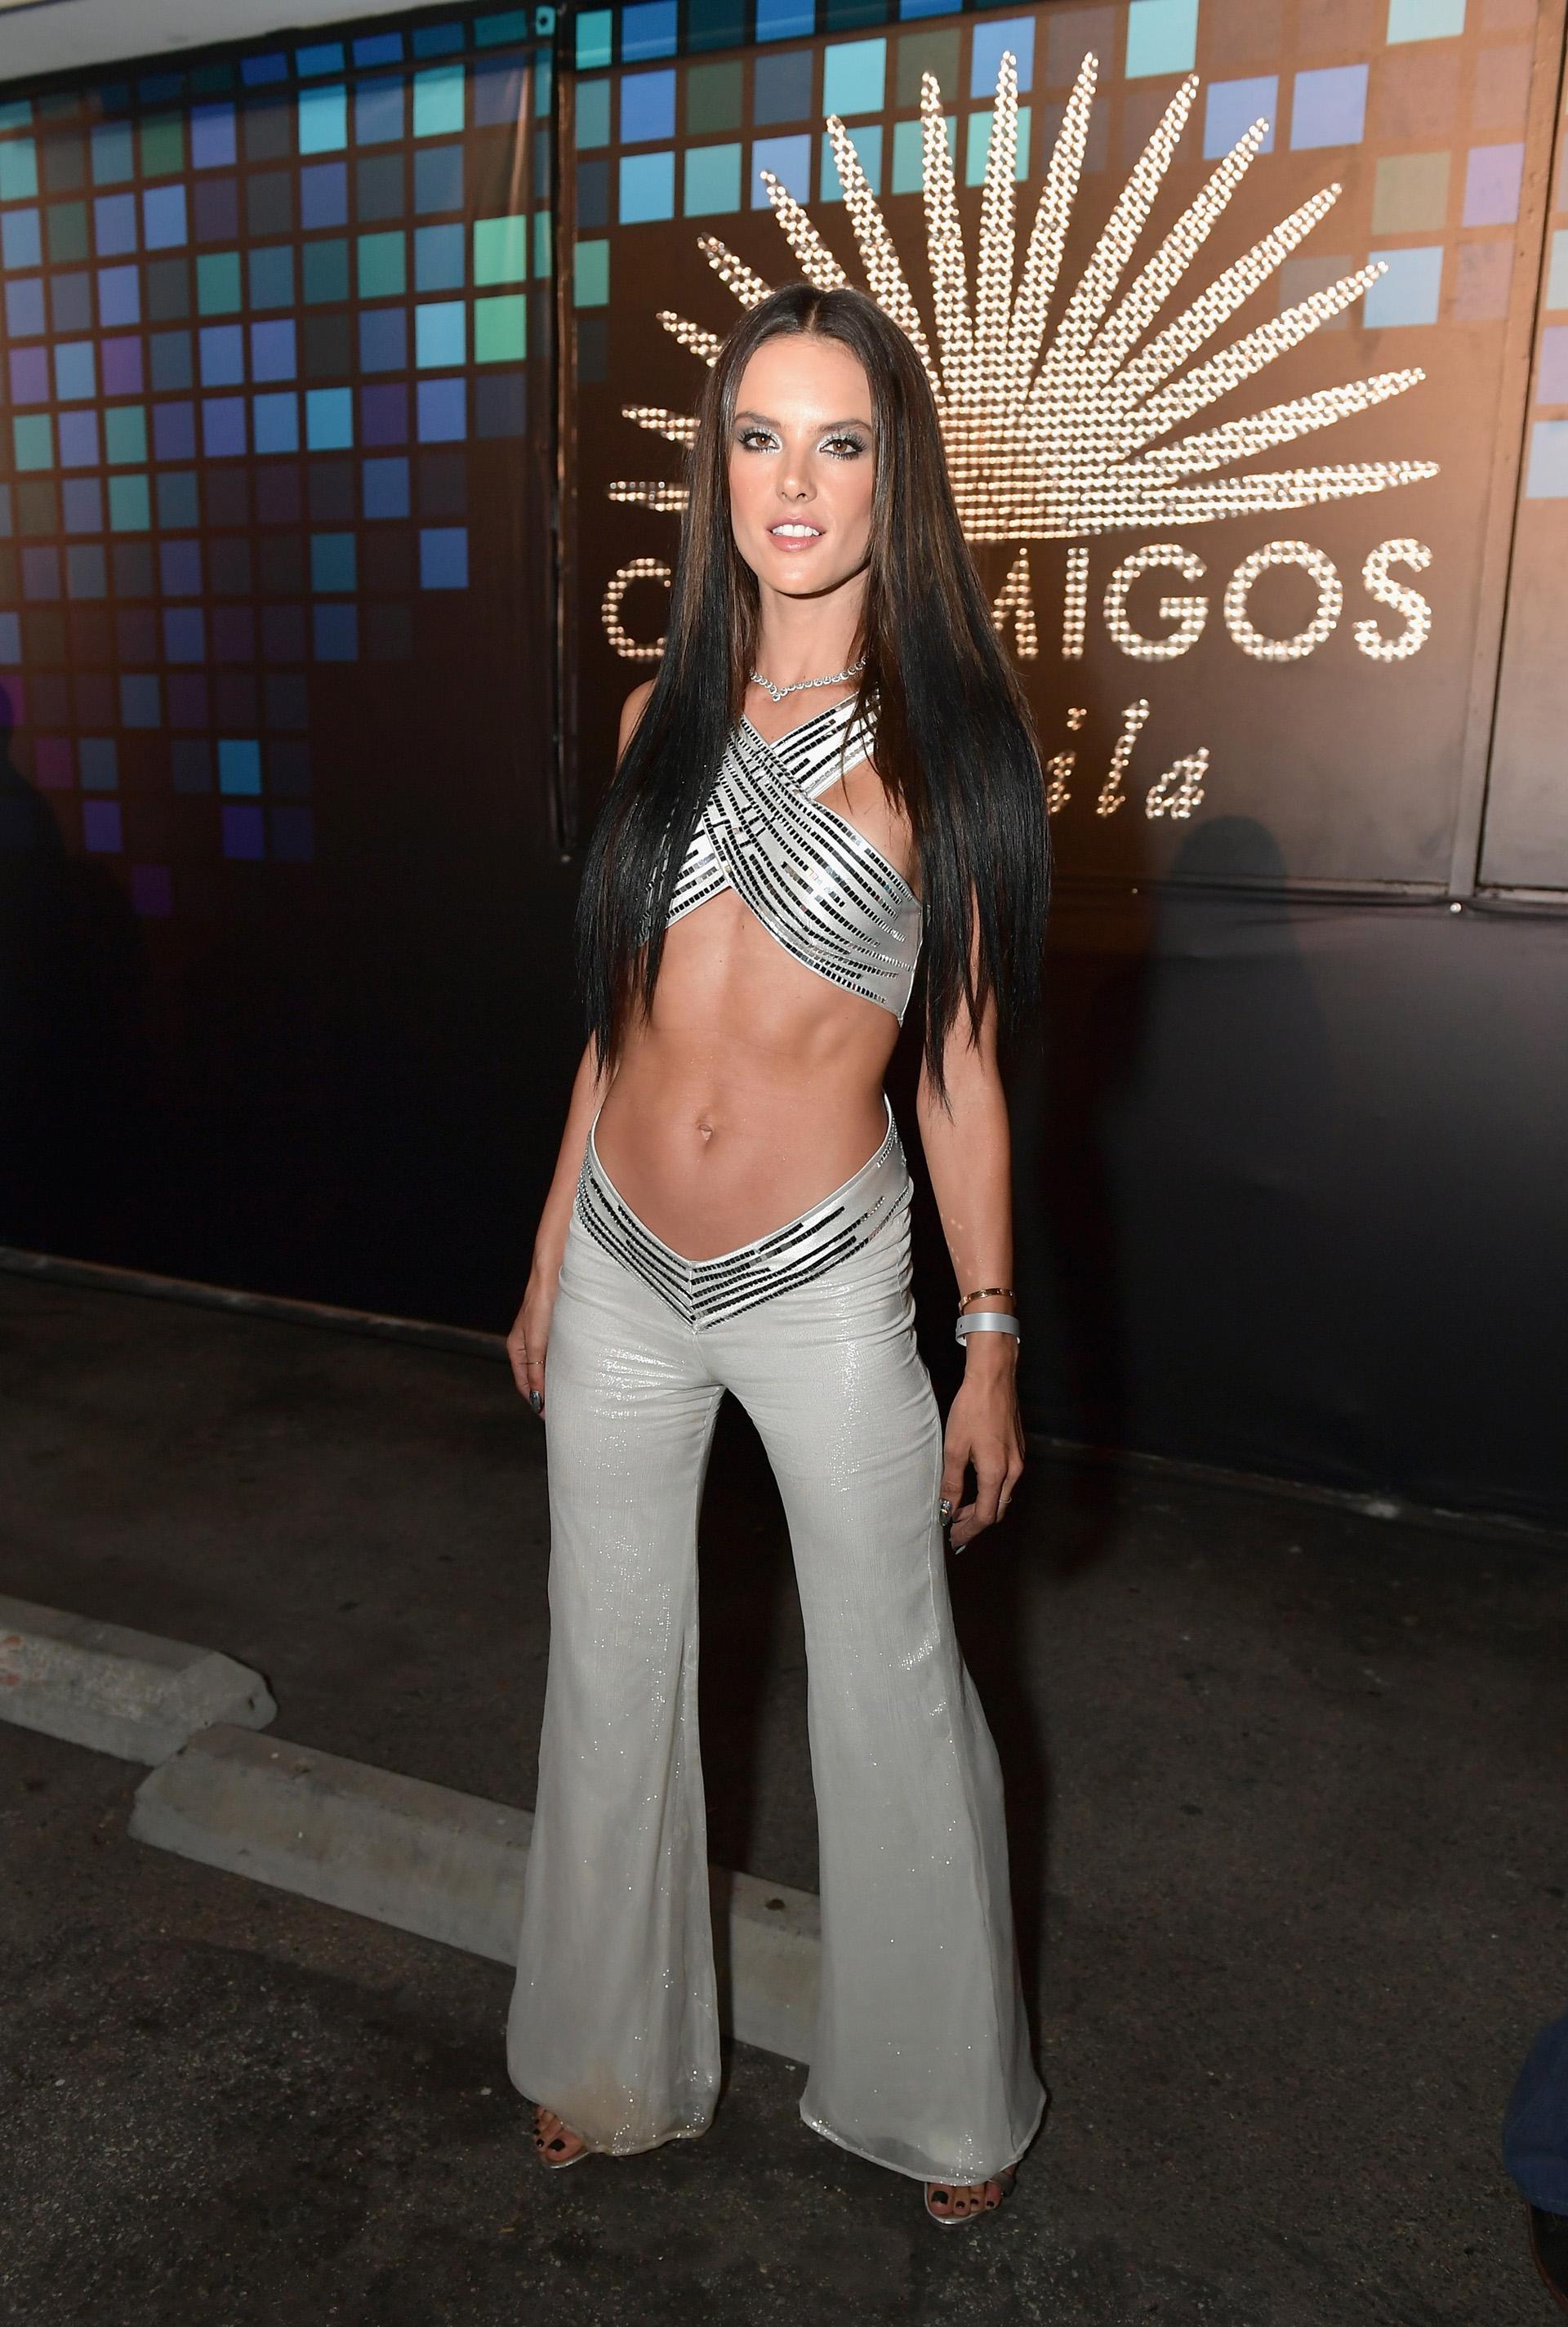 La top model y ángel de Victoria's Secret eligió representar a la cantante Cher (Photo by Neilson Barnard/Getty Images for Casamigos Tequila)